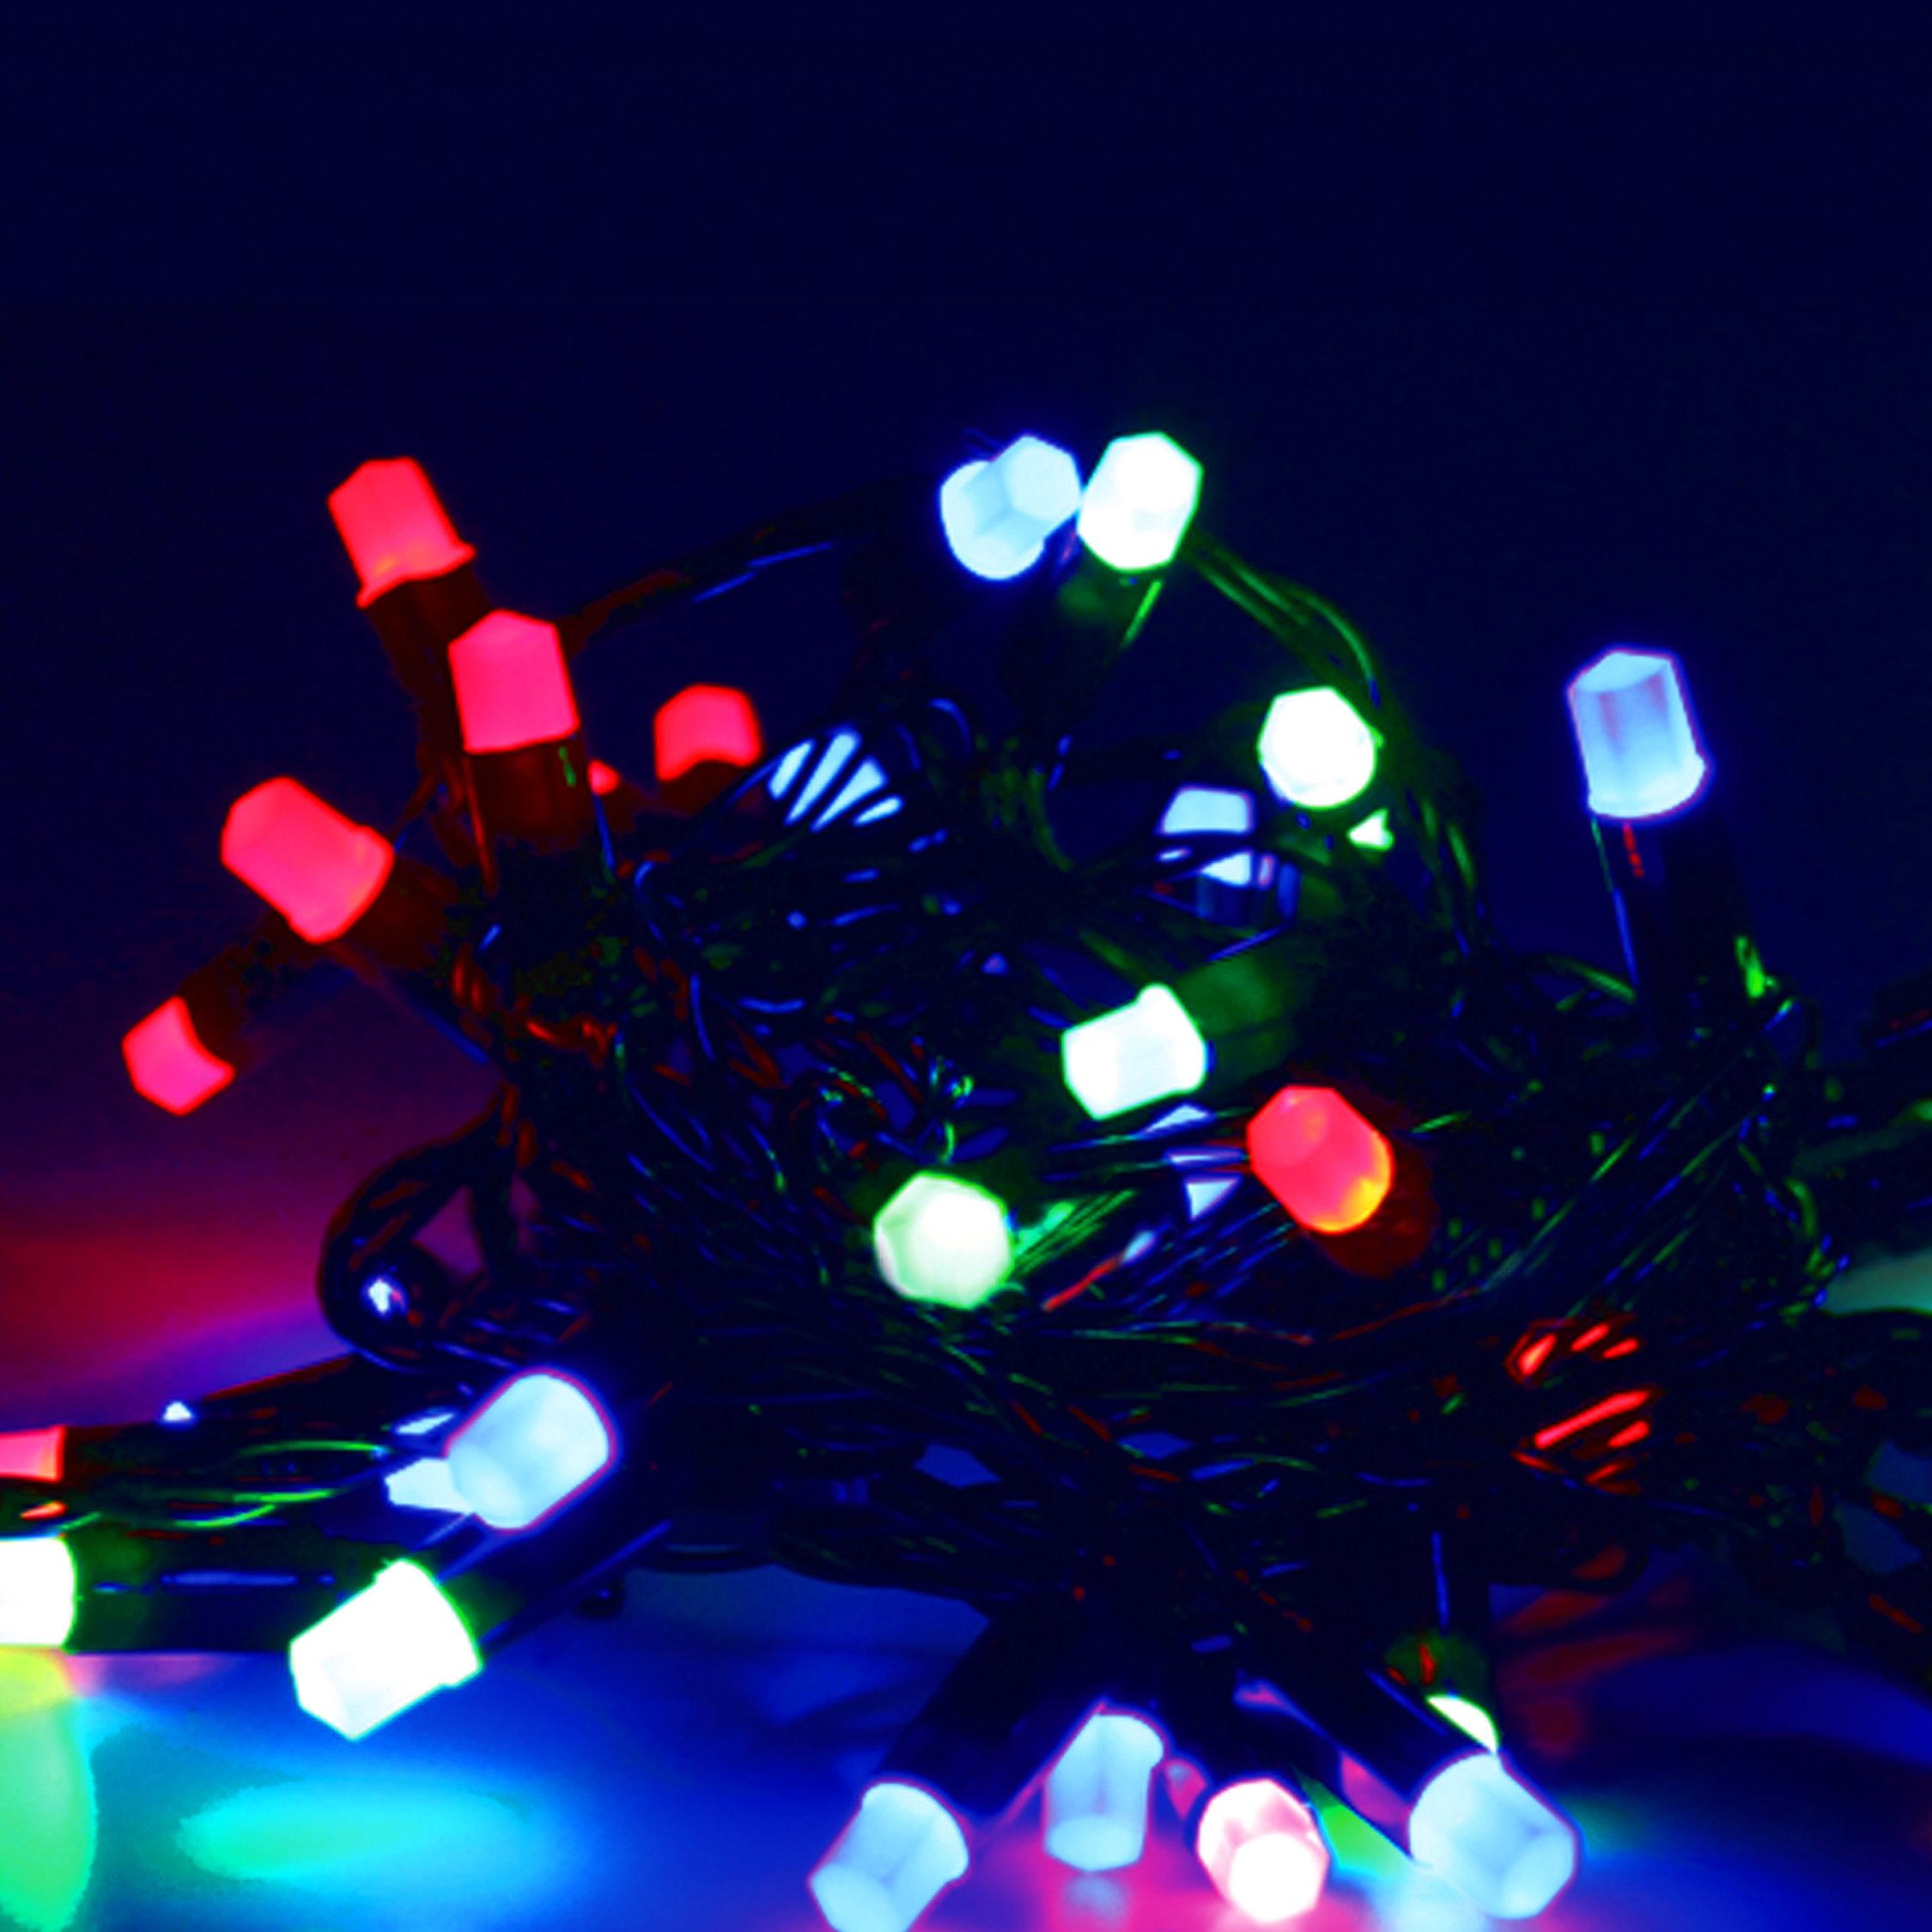 Электрическая гирлянда уличная «Кристаллы», 40 ламп, 8 режимов, мультиколор, 5м